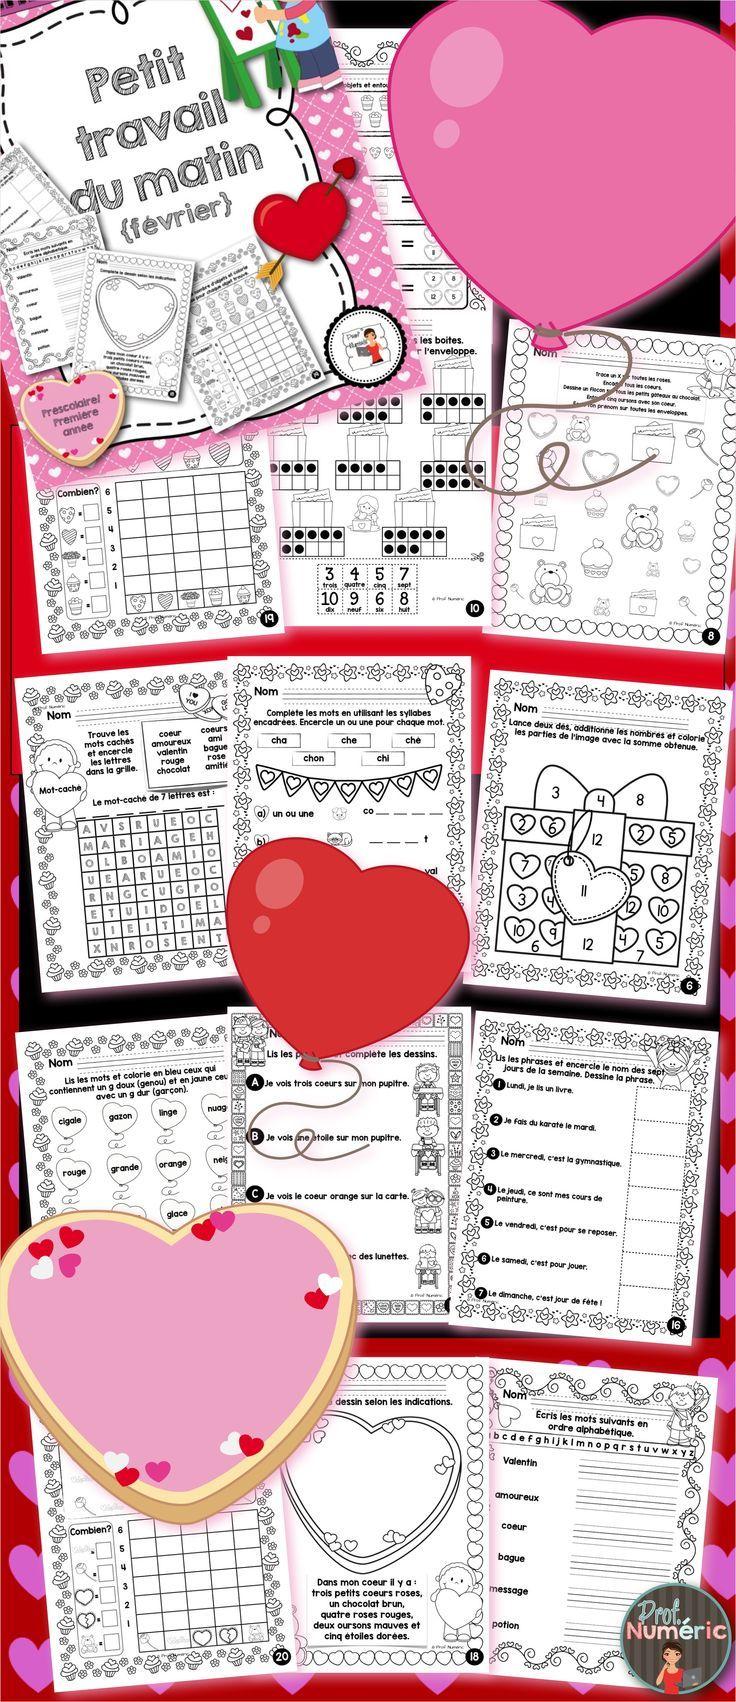 Best 25 bricolage de st valentin ideas on pinterest cadeaux de saint valen - Pinterest bricolage st valentin ...